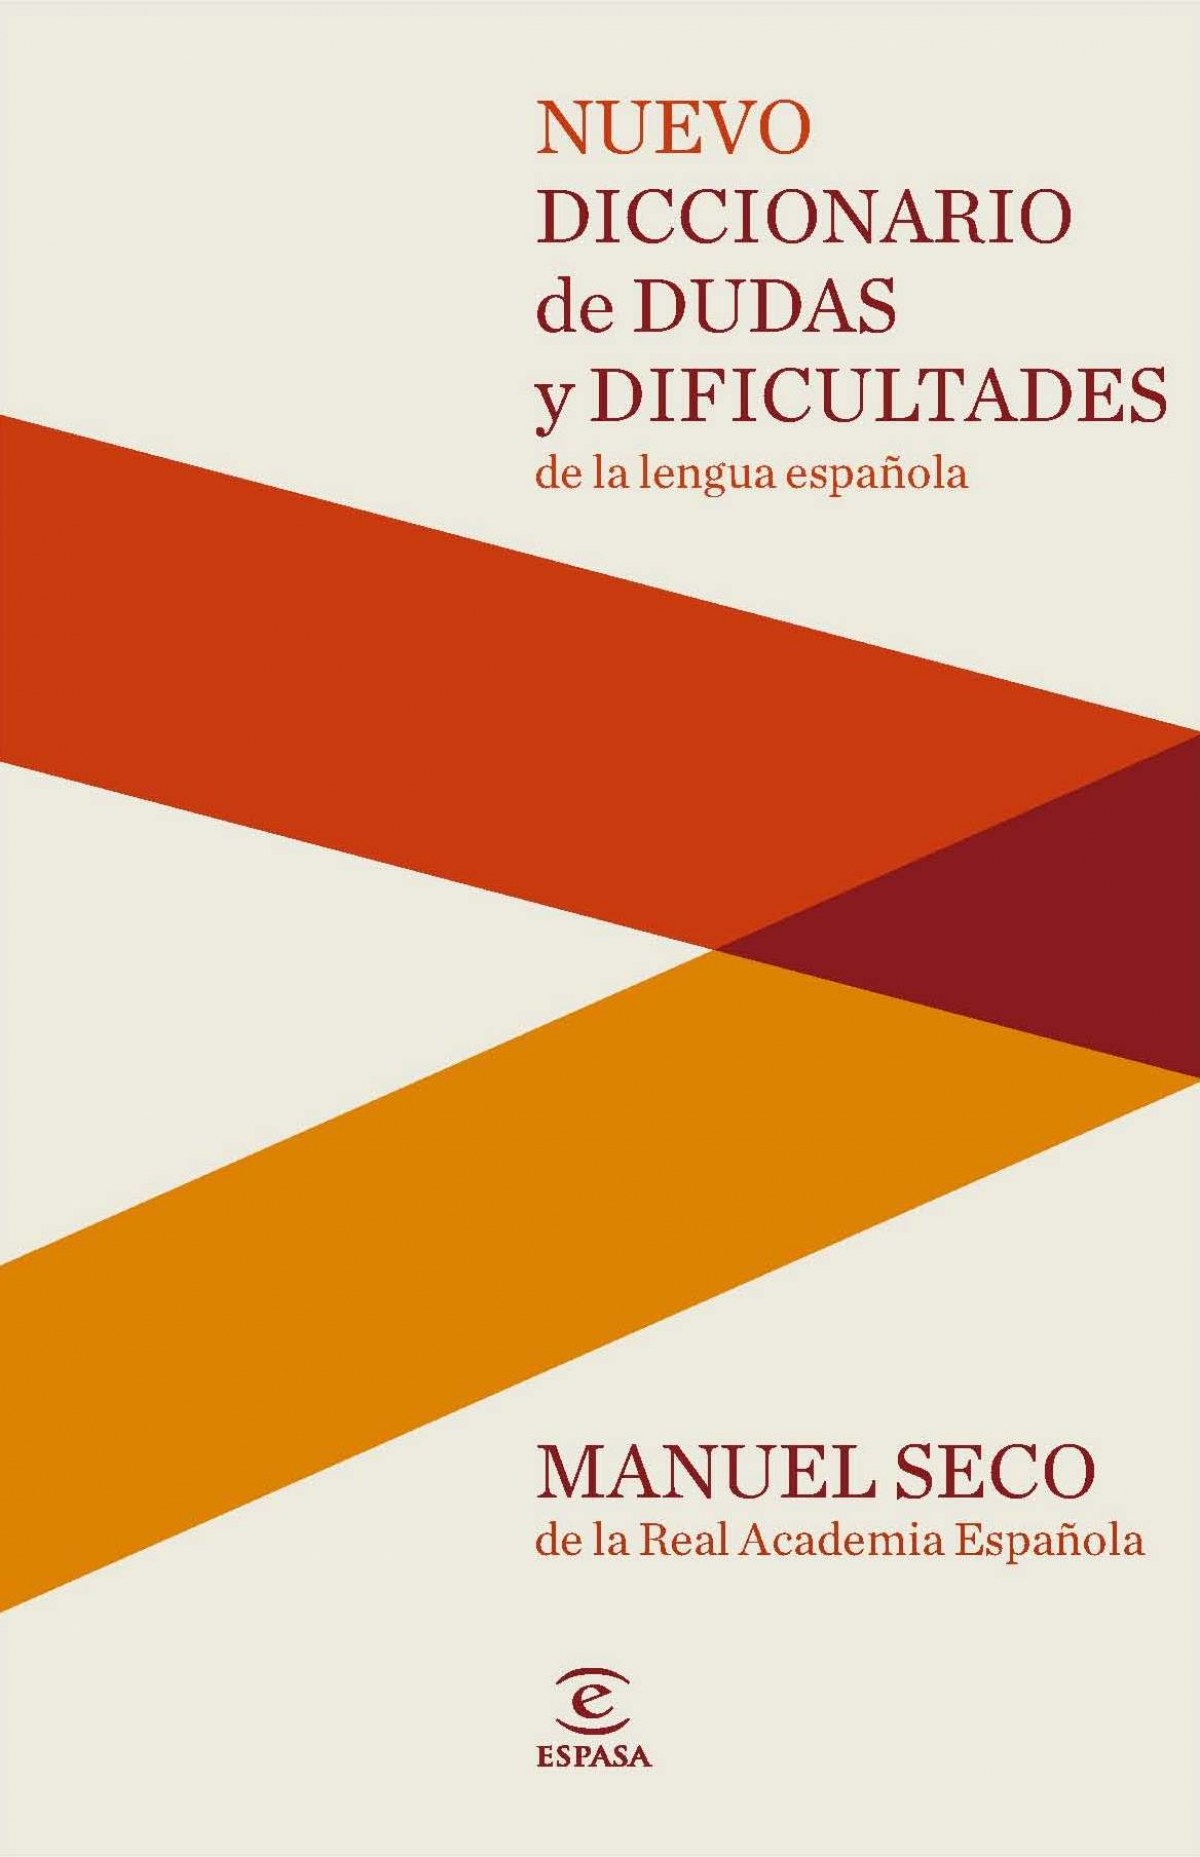 Nuevo diccionario de dudas y dificultades de la lengua española 9788467037876